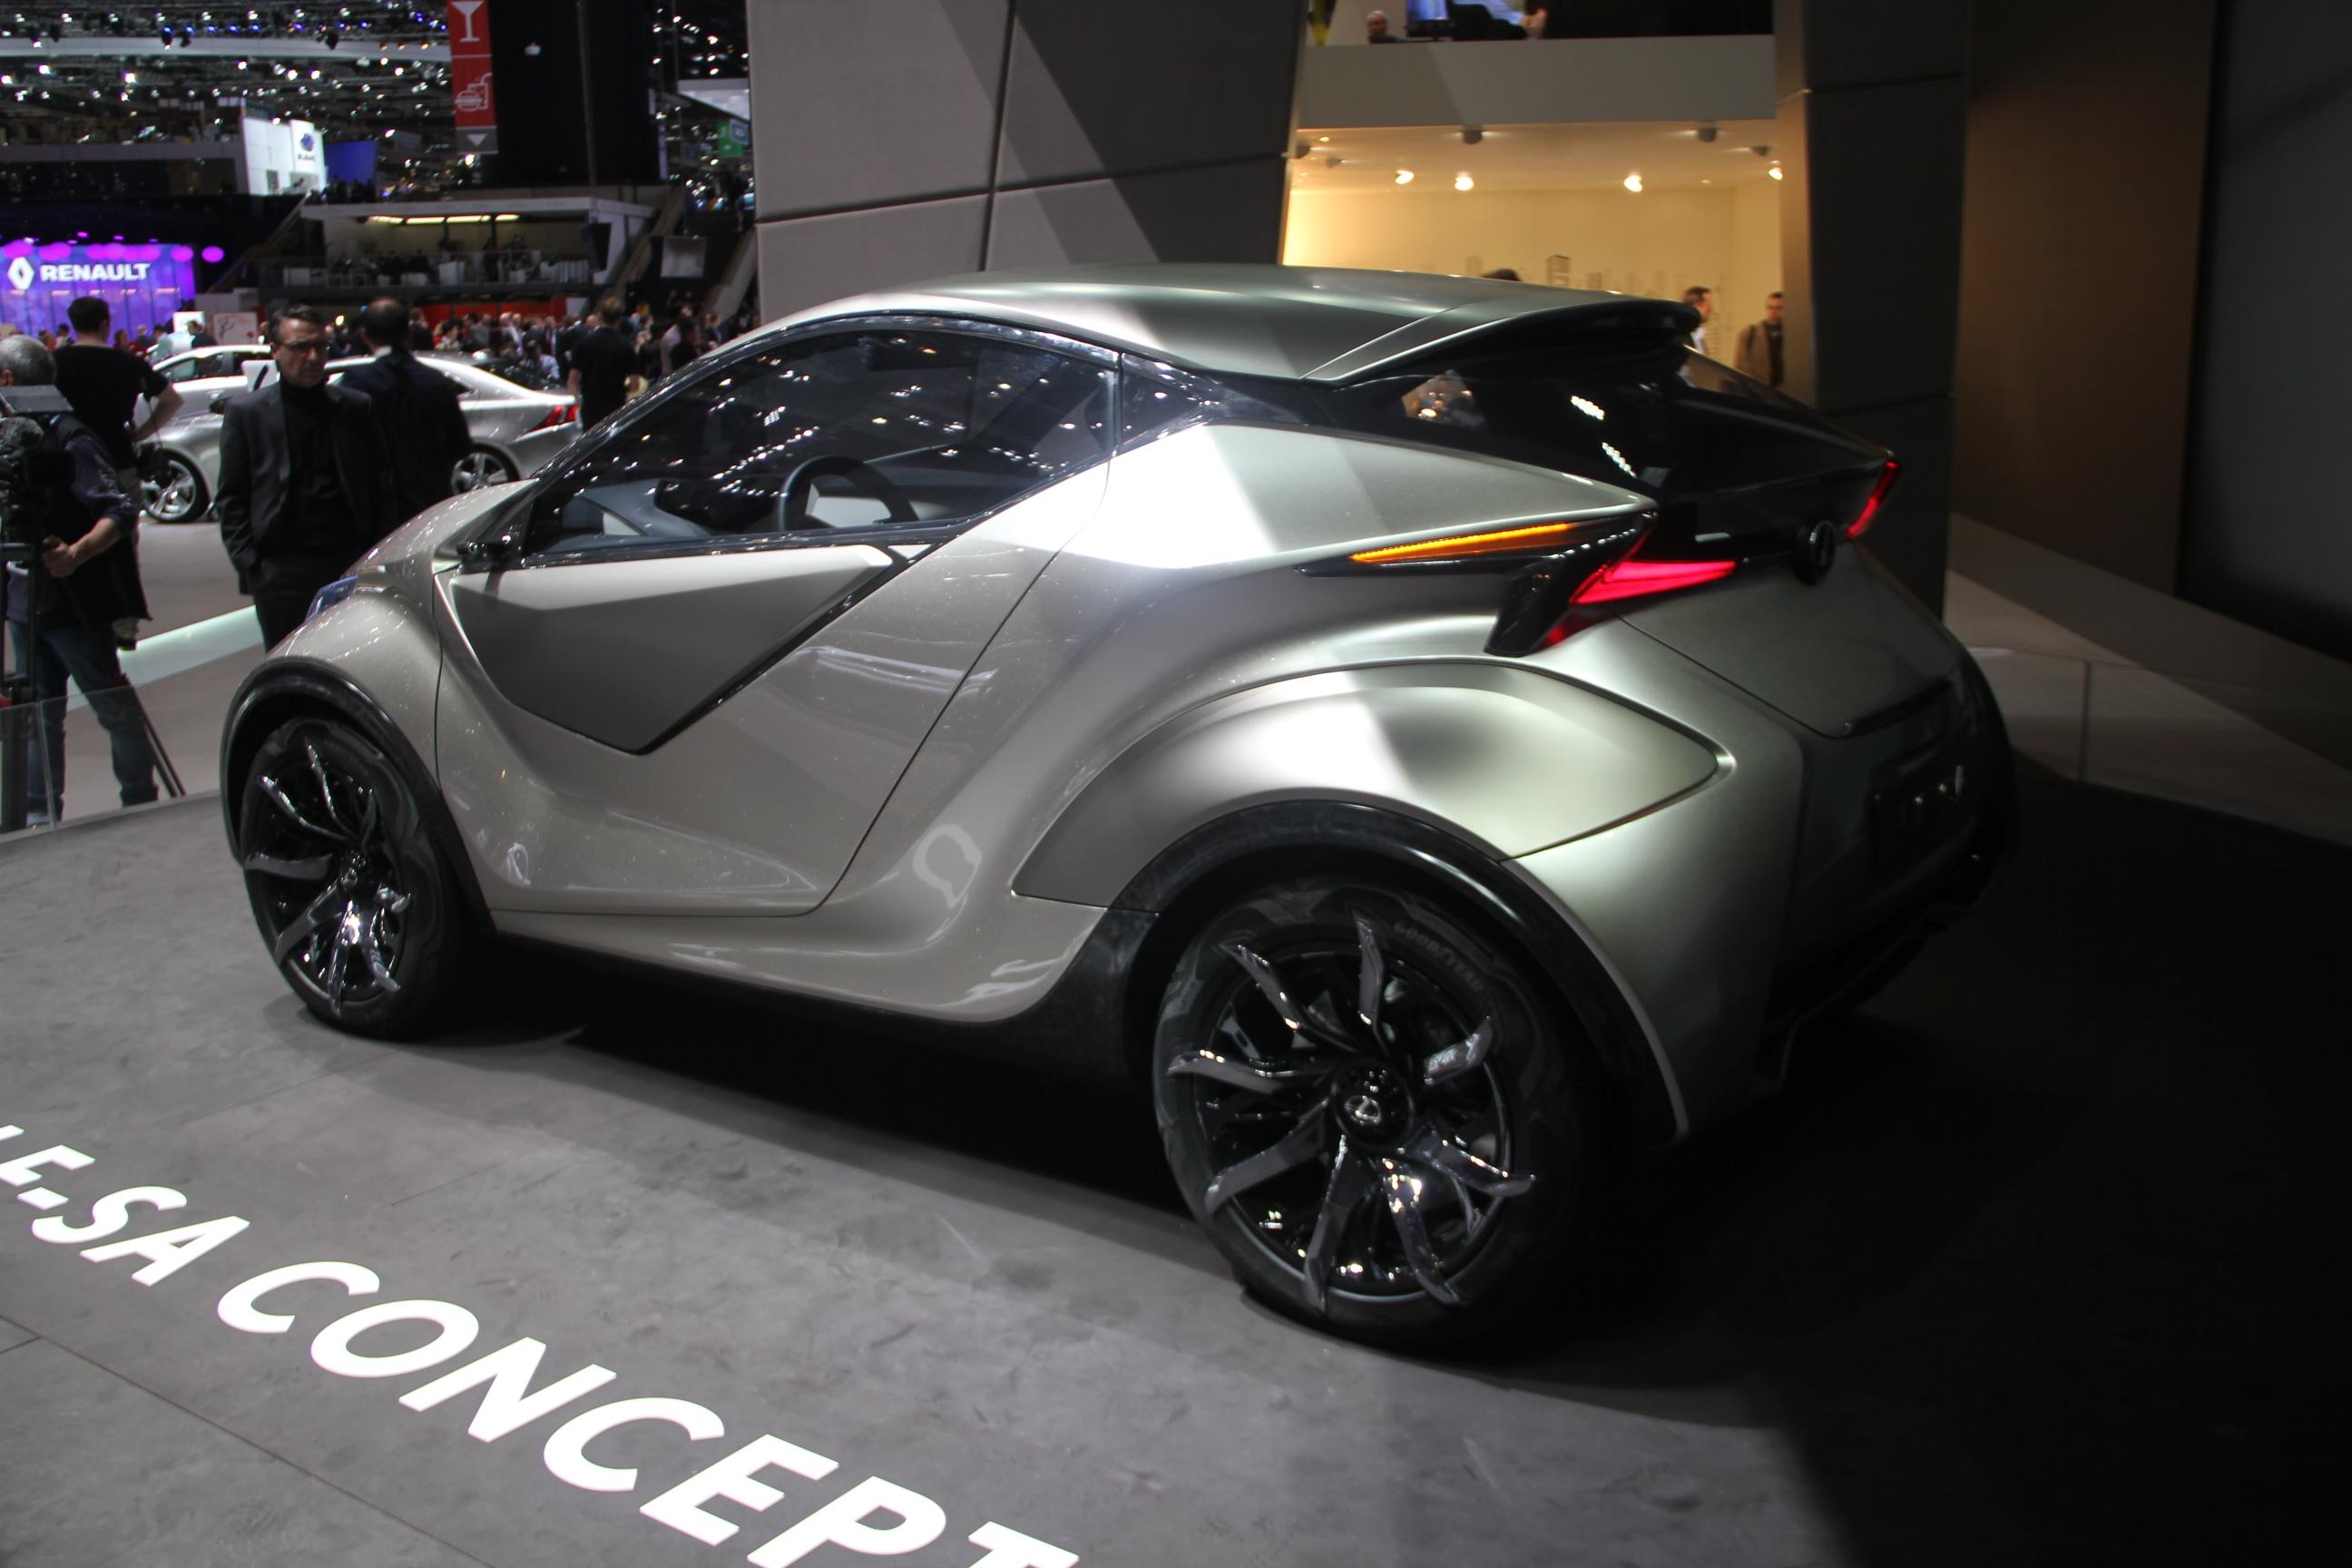 S0-Lexus-LF-SA-Concept-nouveaux-horizons-En-direct-du-salon-de-Geneve-2015-347820.jpg